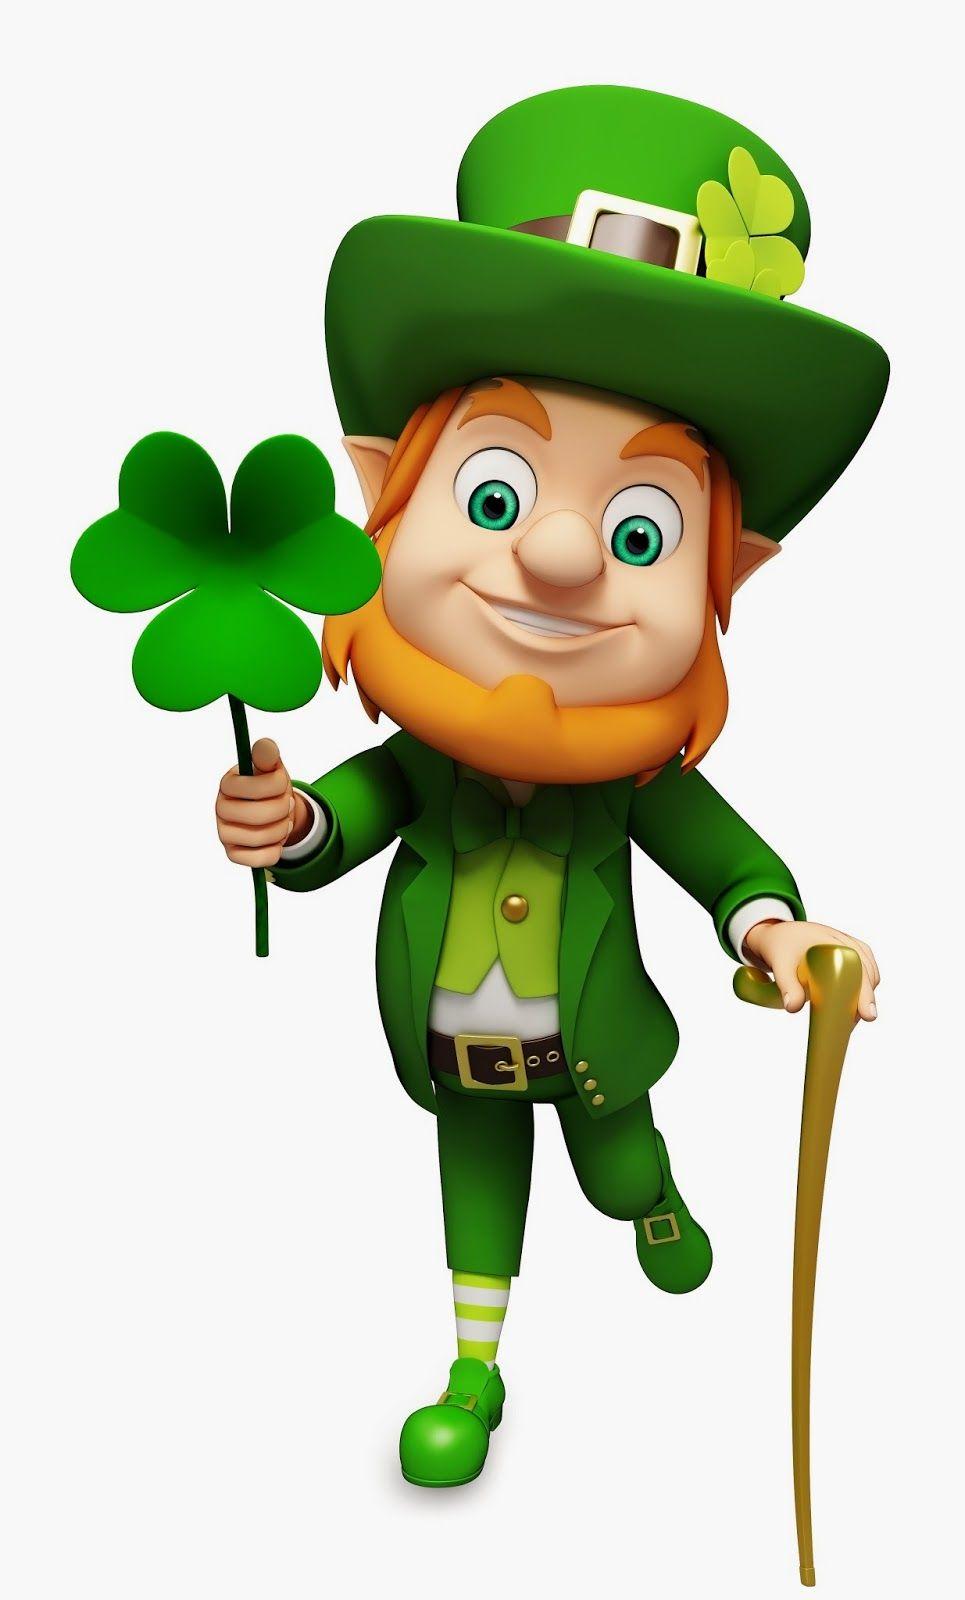 Uncategorized All About Leprechauns st patricks day history celebrations and leprechauns monte petite souris en irlande leprechaun patrick